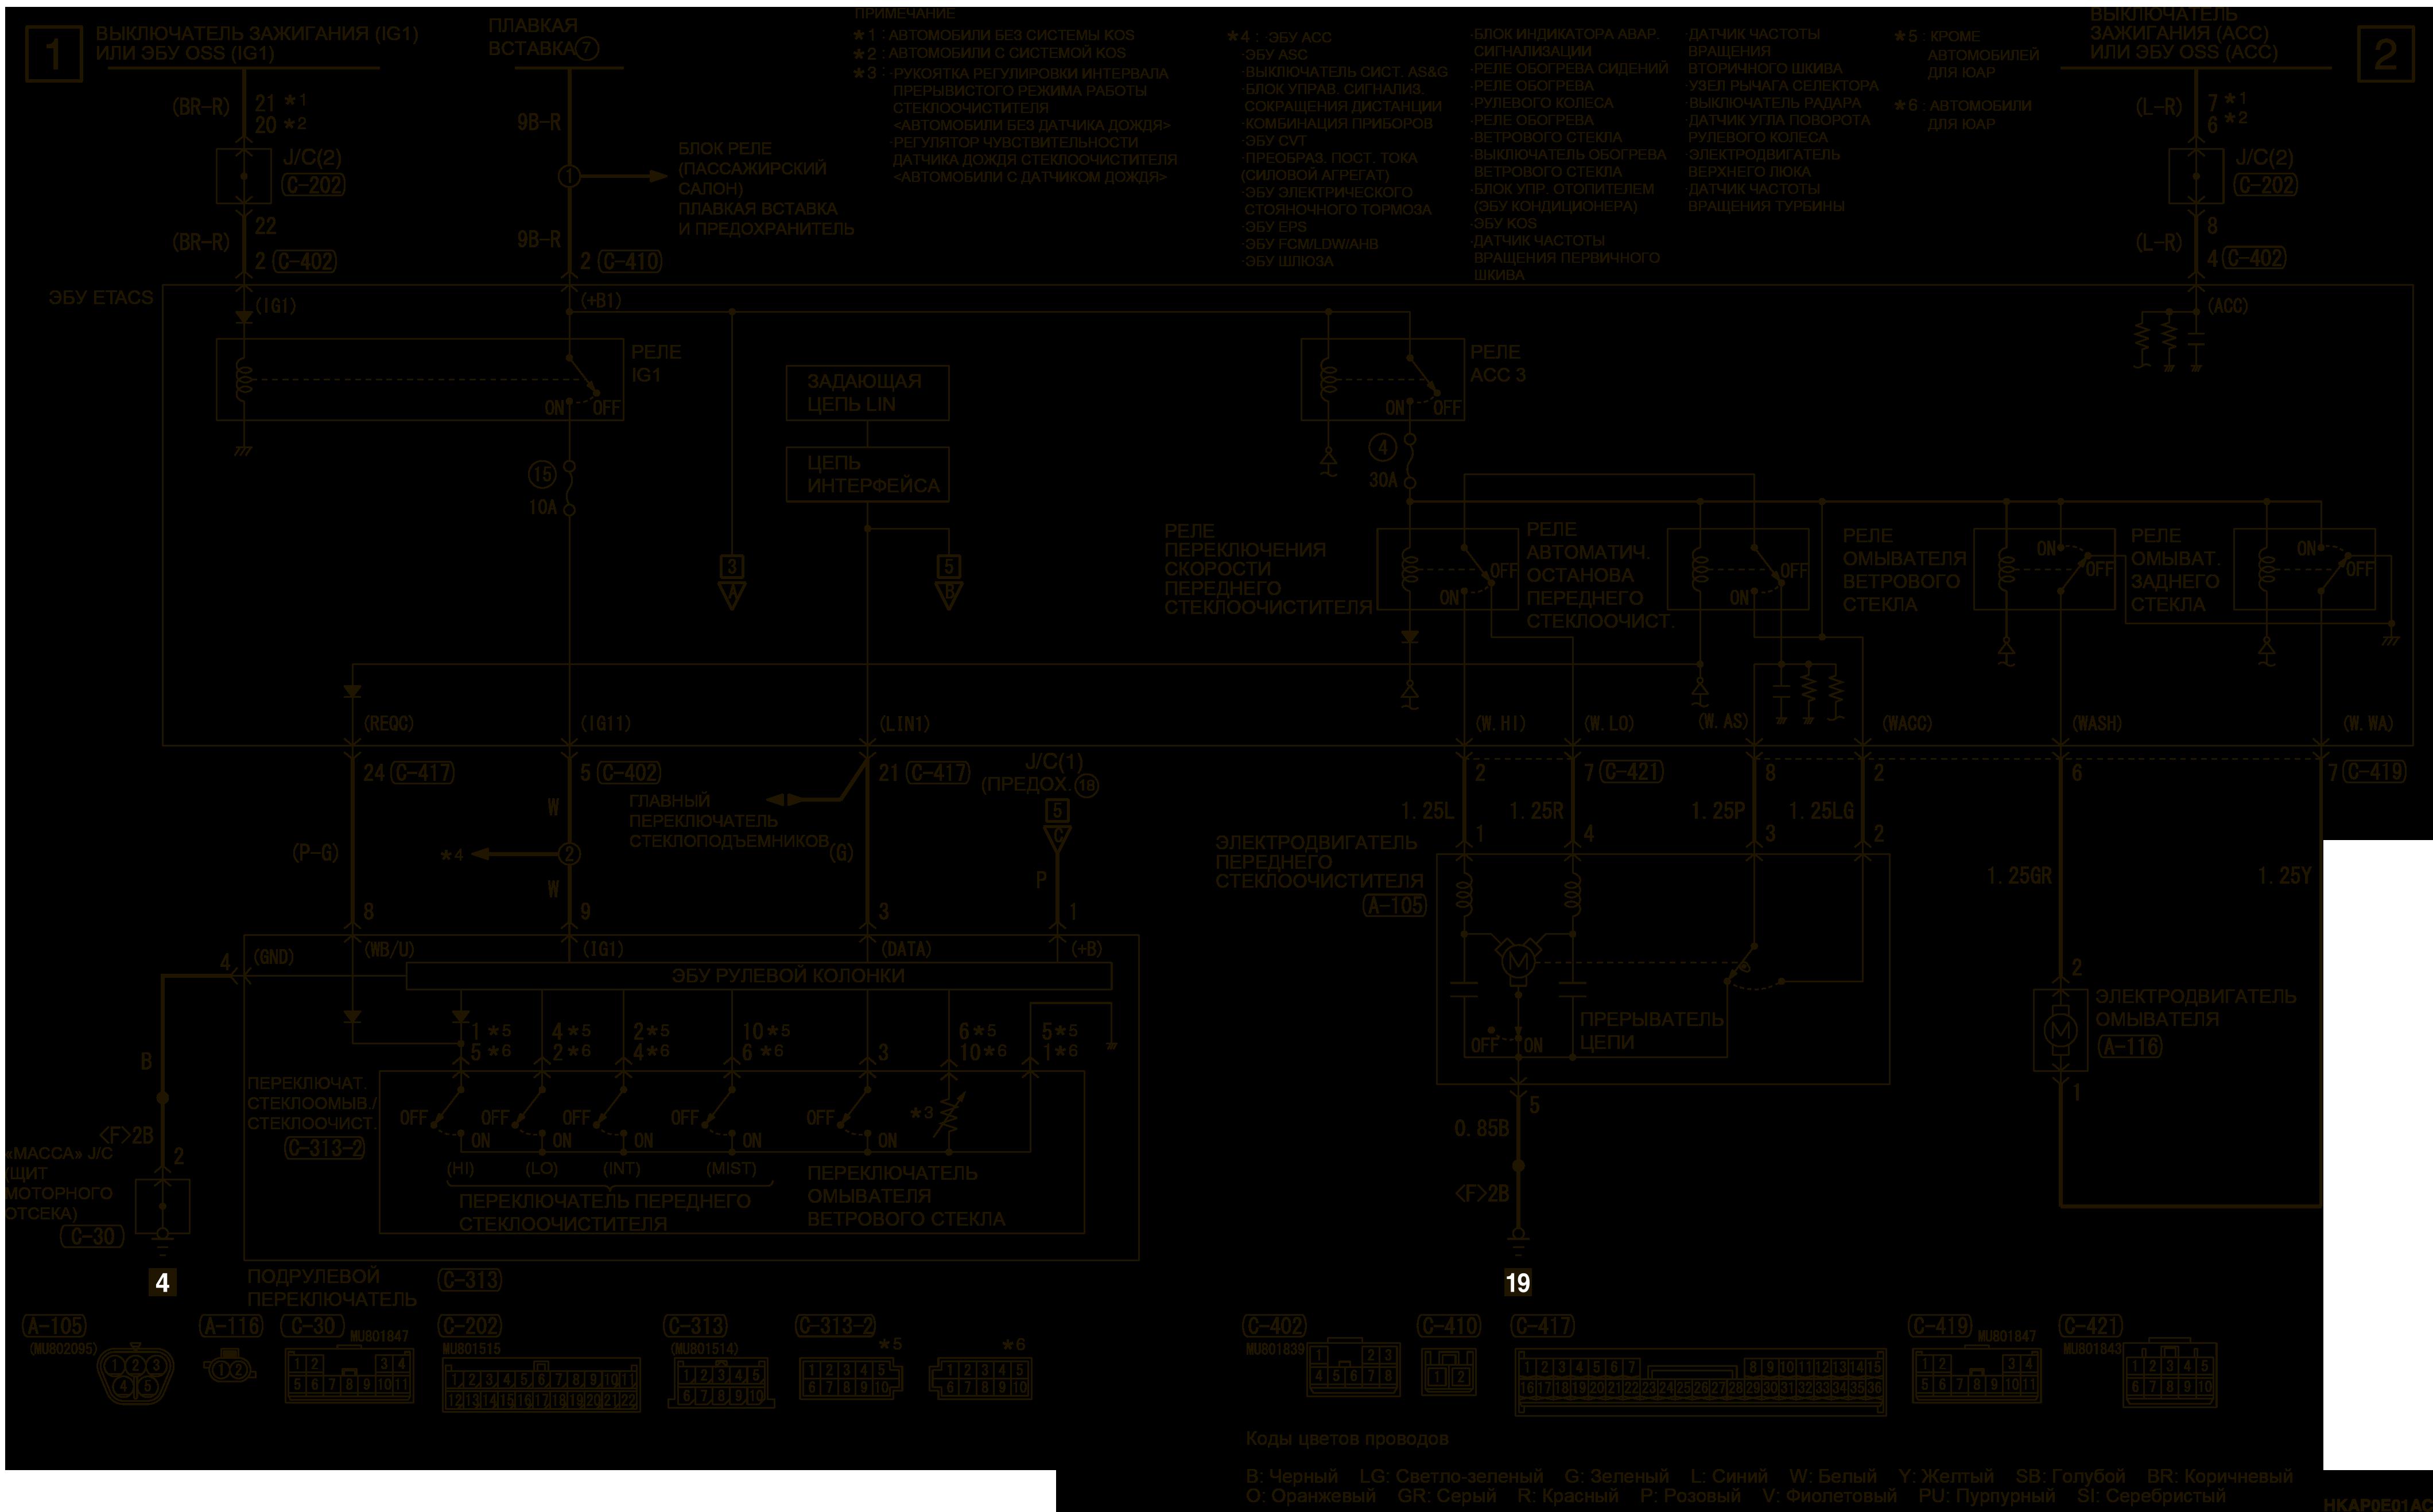 mmc аутлендер 3 2019 электросхемаПЕРЕДНИЙ СТЕКЛООЧИСТИТЕЛЬ И ОМЫВАТЕЛЬ ПРАВАЯ СТОРОНА